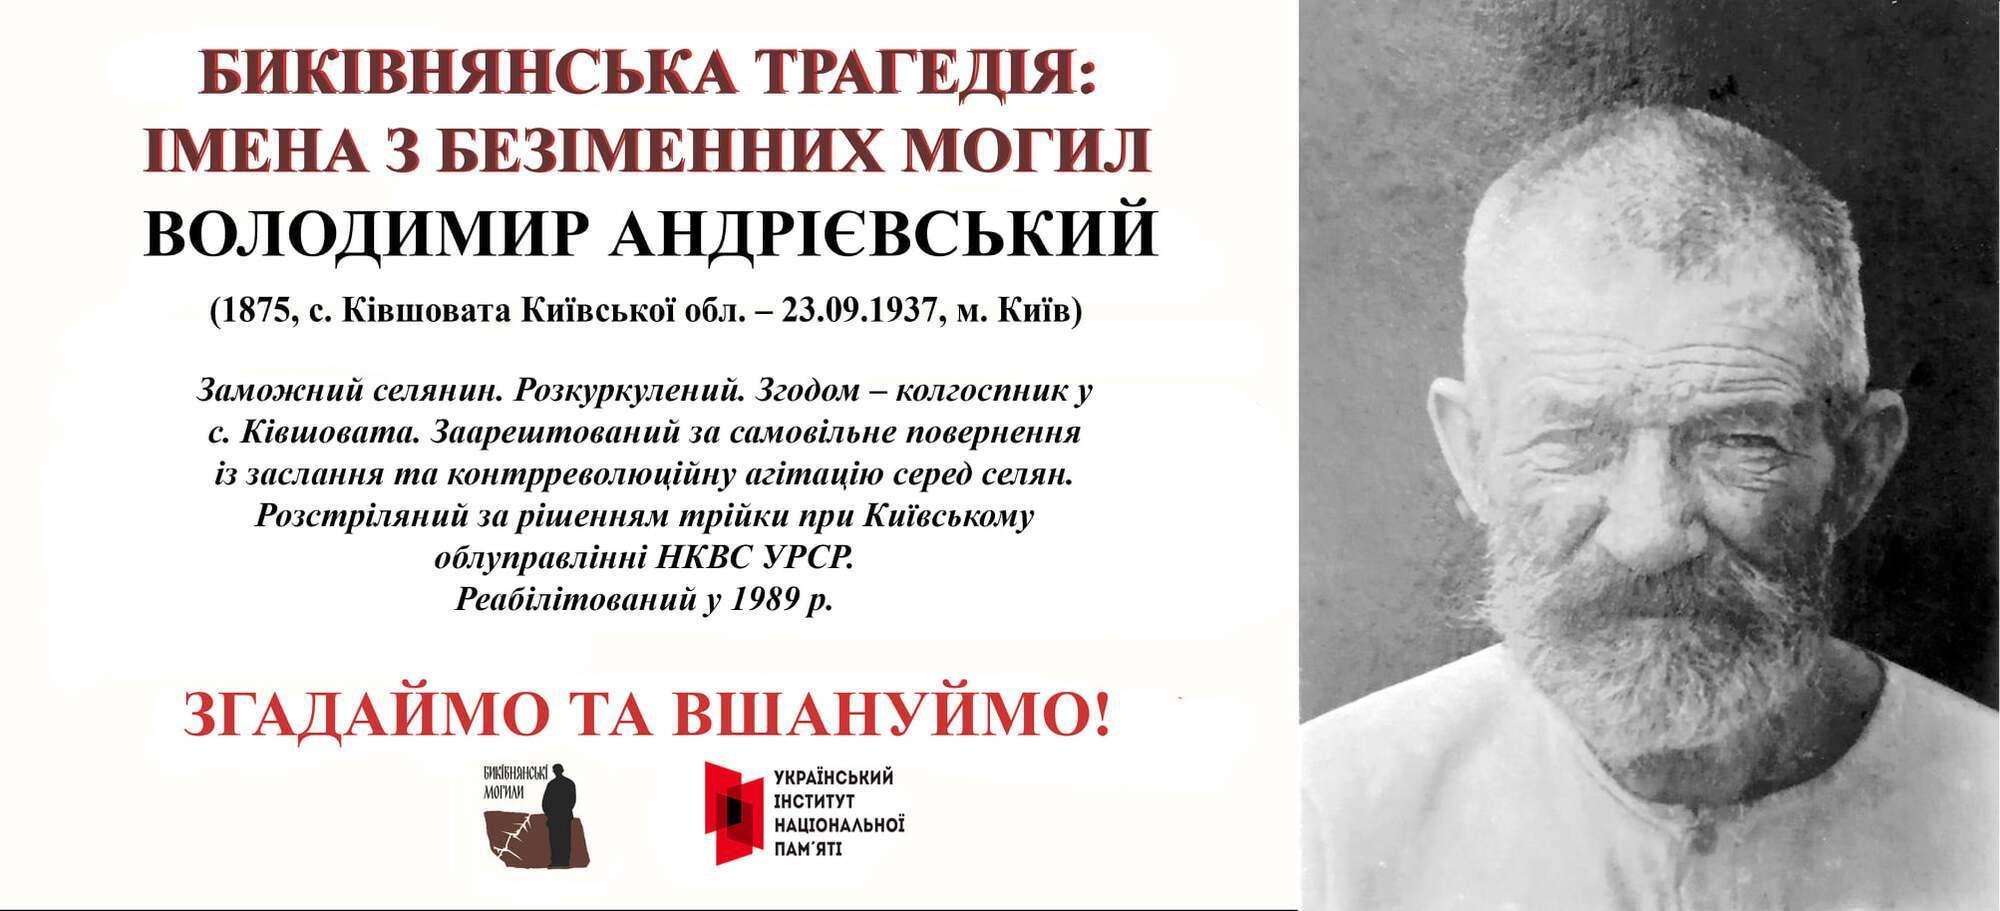 Про точну кількість жертв політичних репресій в Україні донині точаться суперечки